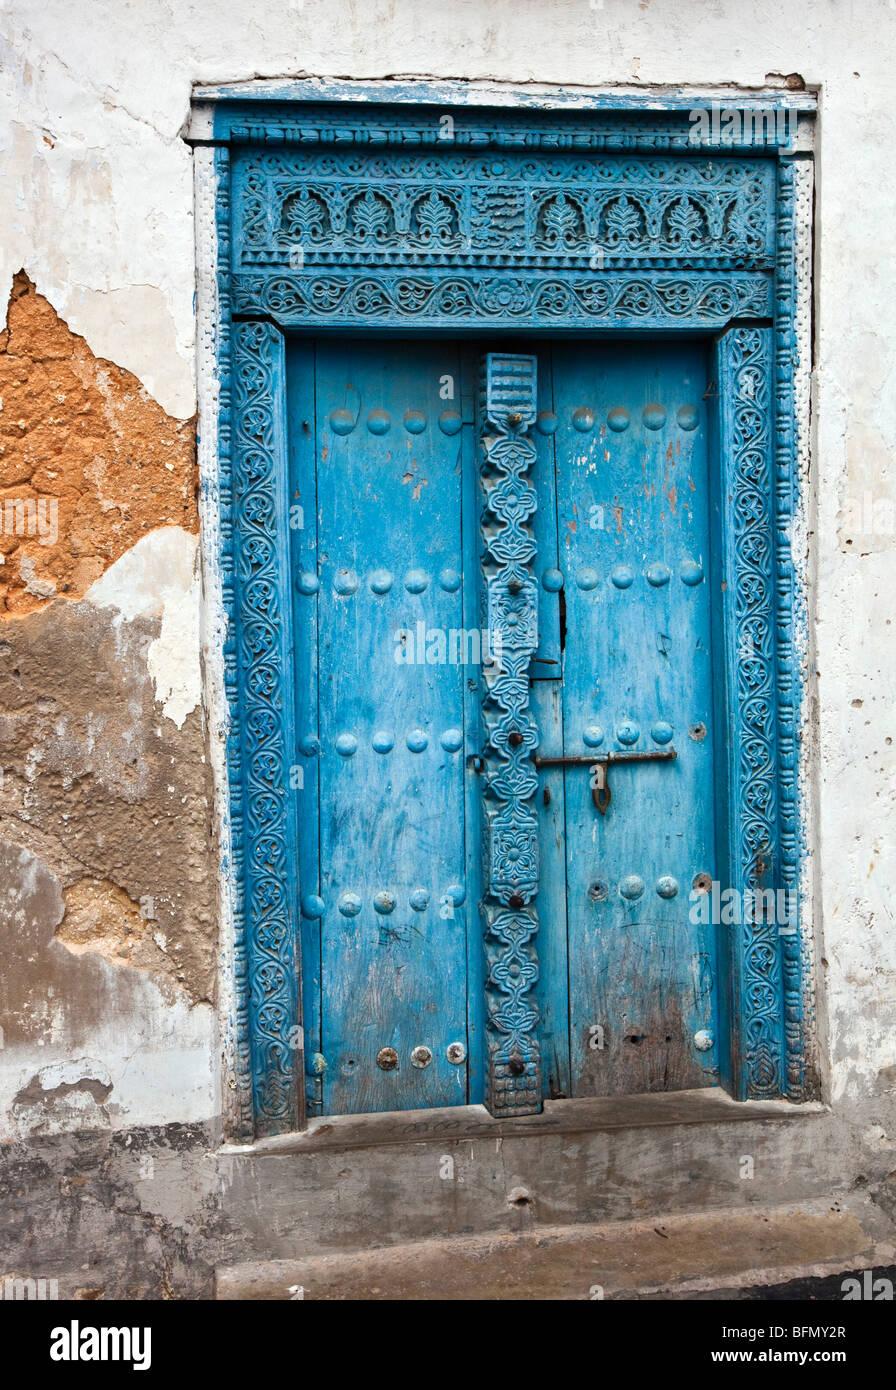 Tanzania, Zanzibar Stone Town. Un dipinto in legno intagliato porta di una casa nella città di pietra. Immagini Stock